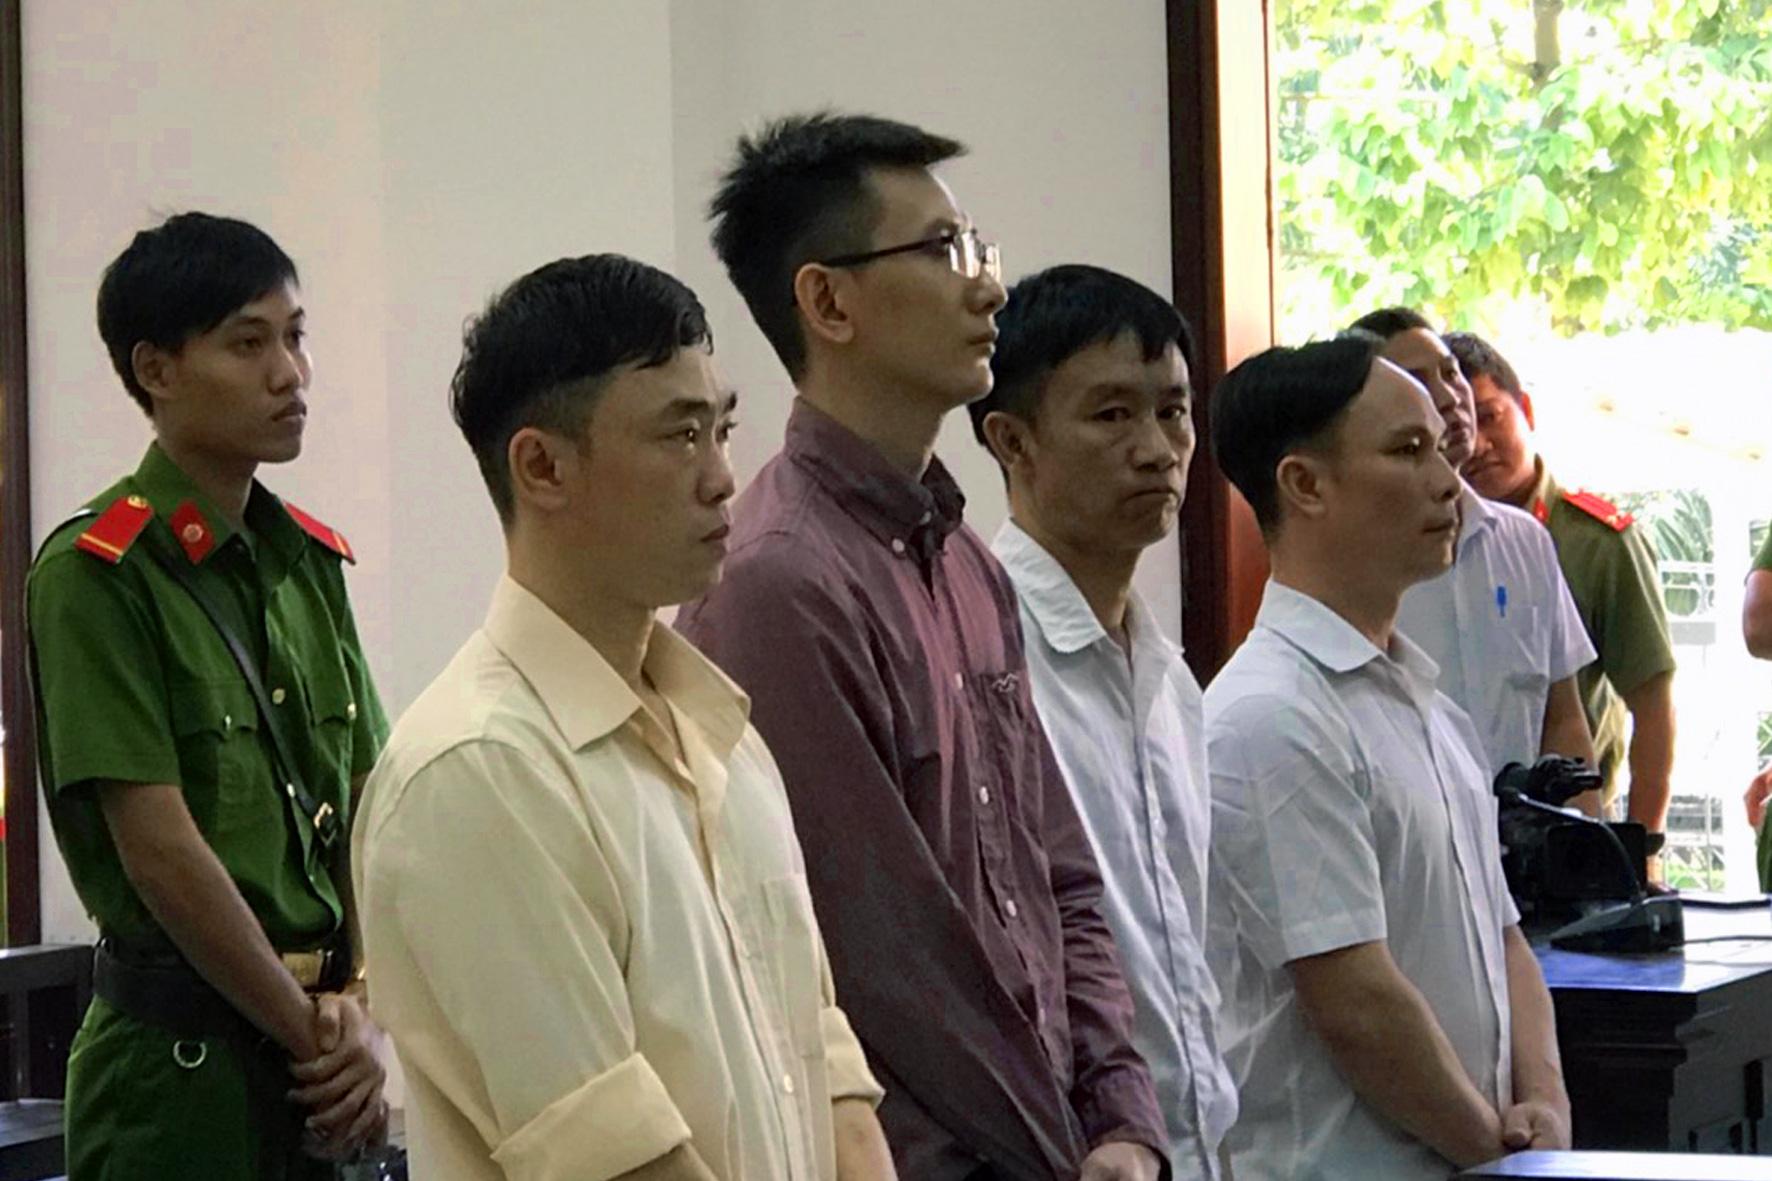 Vietnam jails 4 for plotting explosive attacks near Ho Chi Minh City